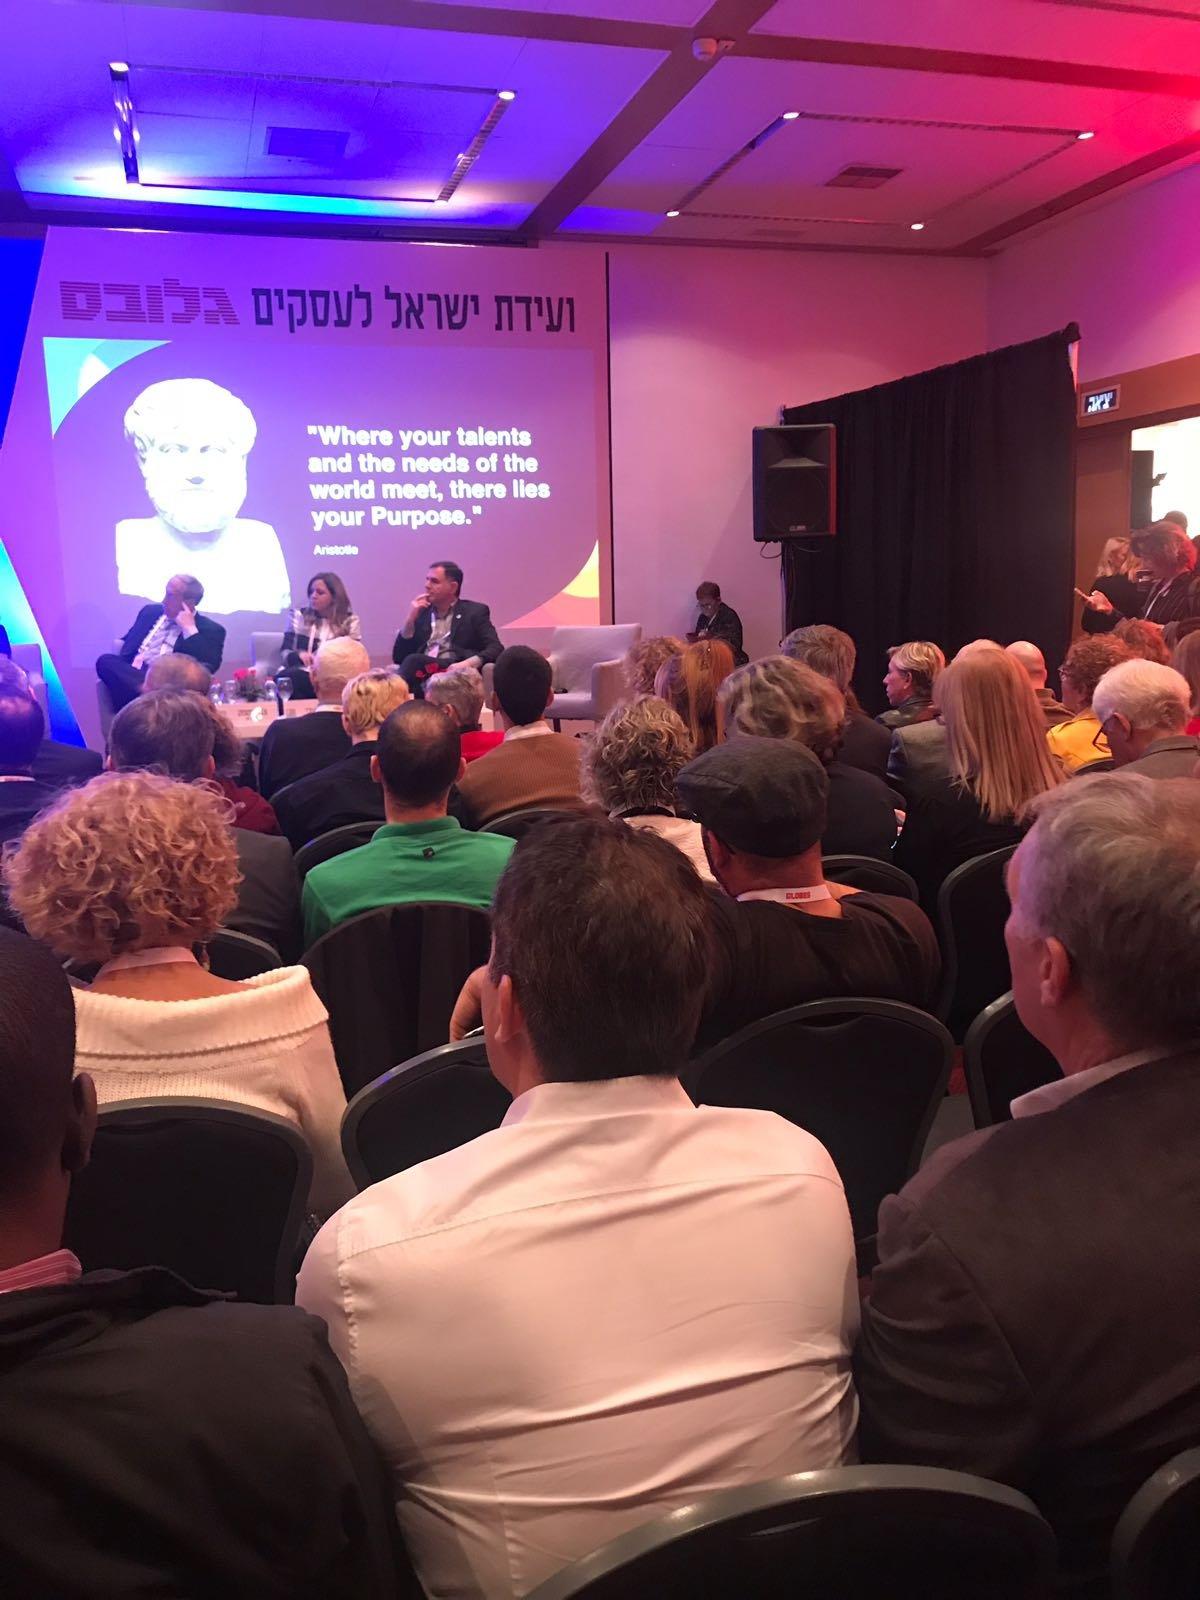 بمشاركة بكرا: انطلاق اعمال مؤتمر اسرائيل للمصالح والاعمال